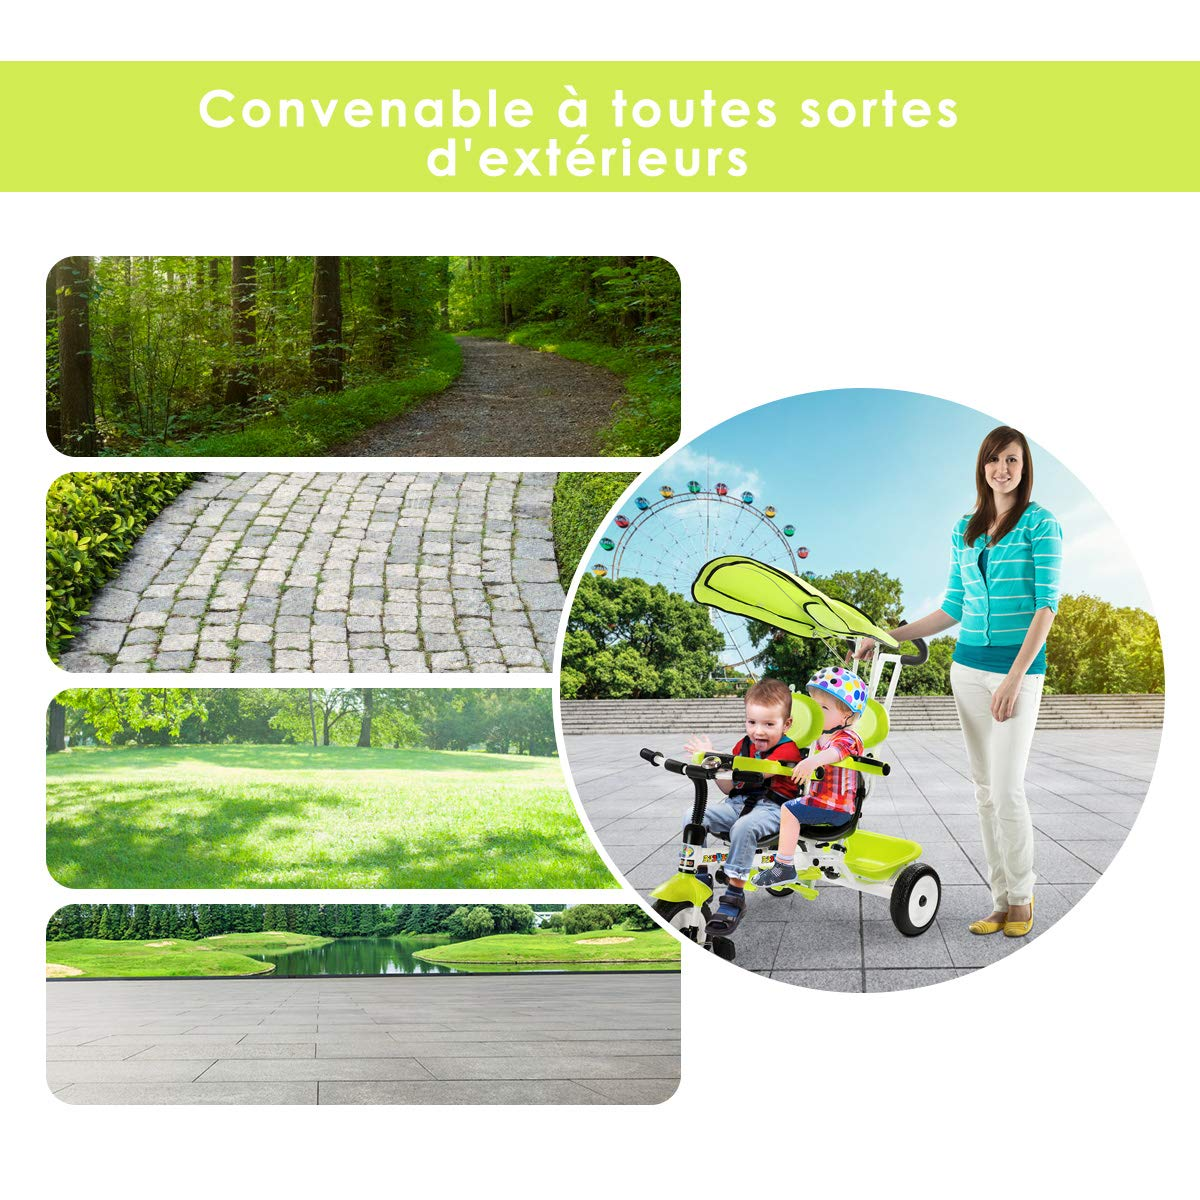 COSTWAY Tricycle Evolutif Enfants avec 3 Roues 2 Places Poussette Evolutif pour Enfants de 18-36 Mois Si/ège Pivotant Charge Max 30 KG Rouge